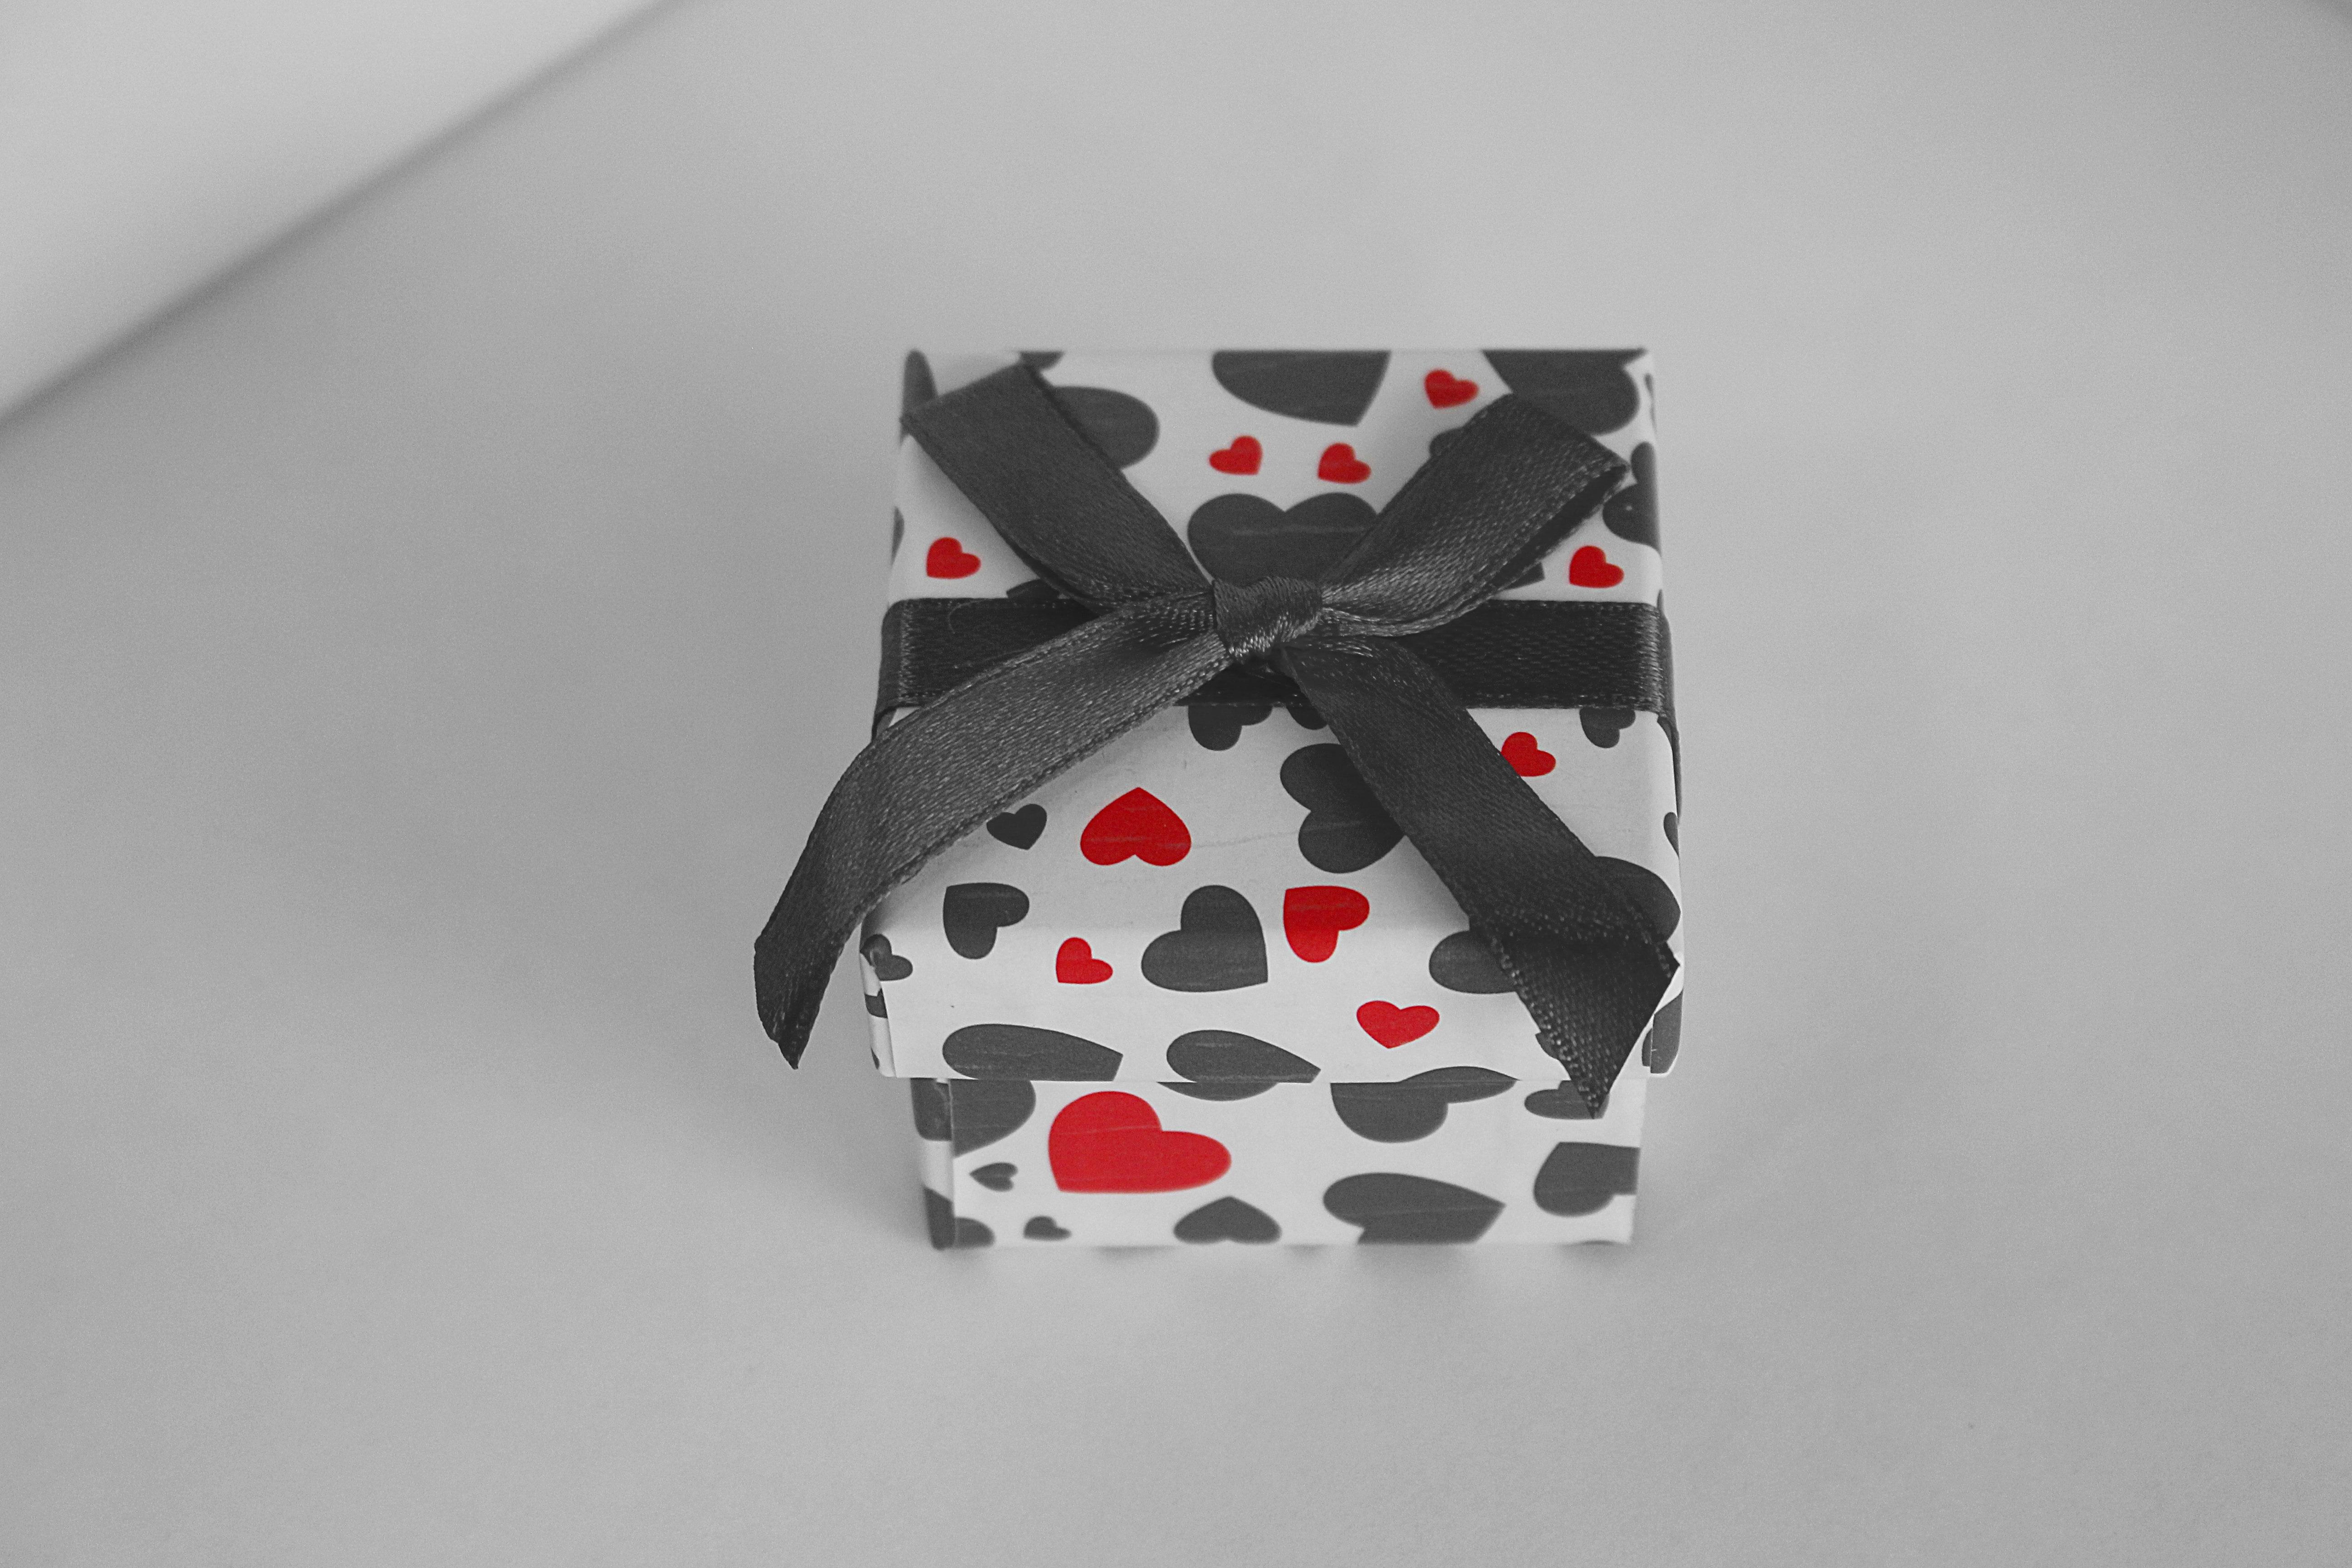 Images Gratuites Noir Et Blanc Amour Cœur Modèle Rouge